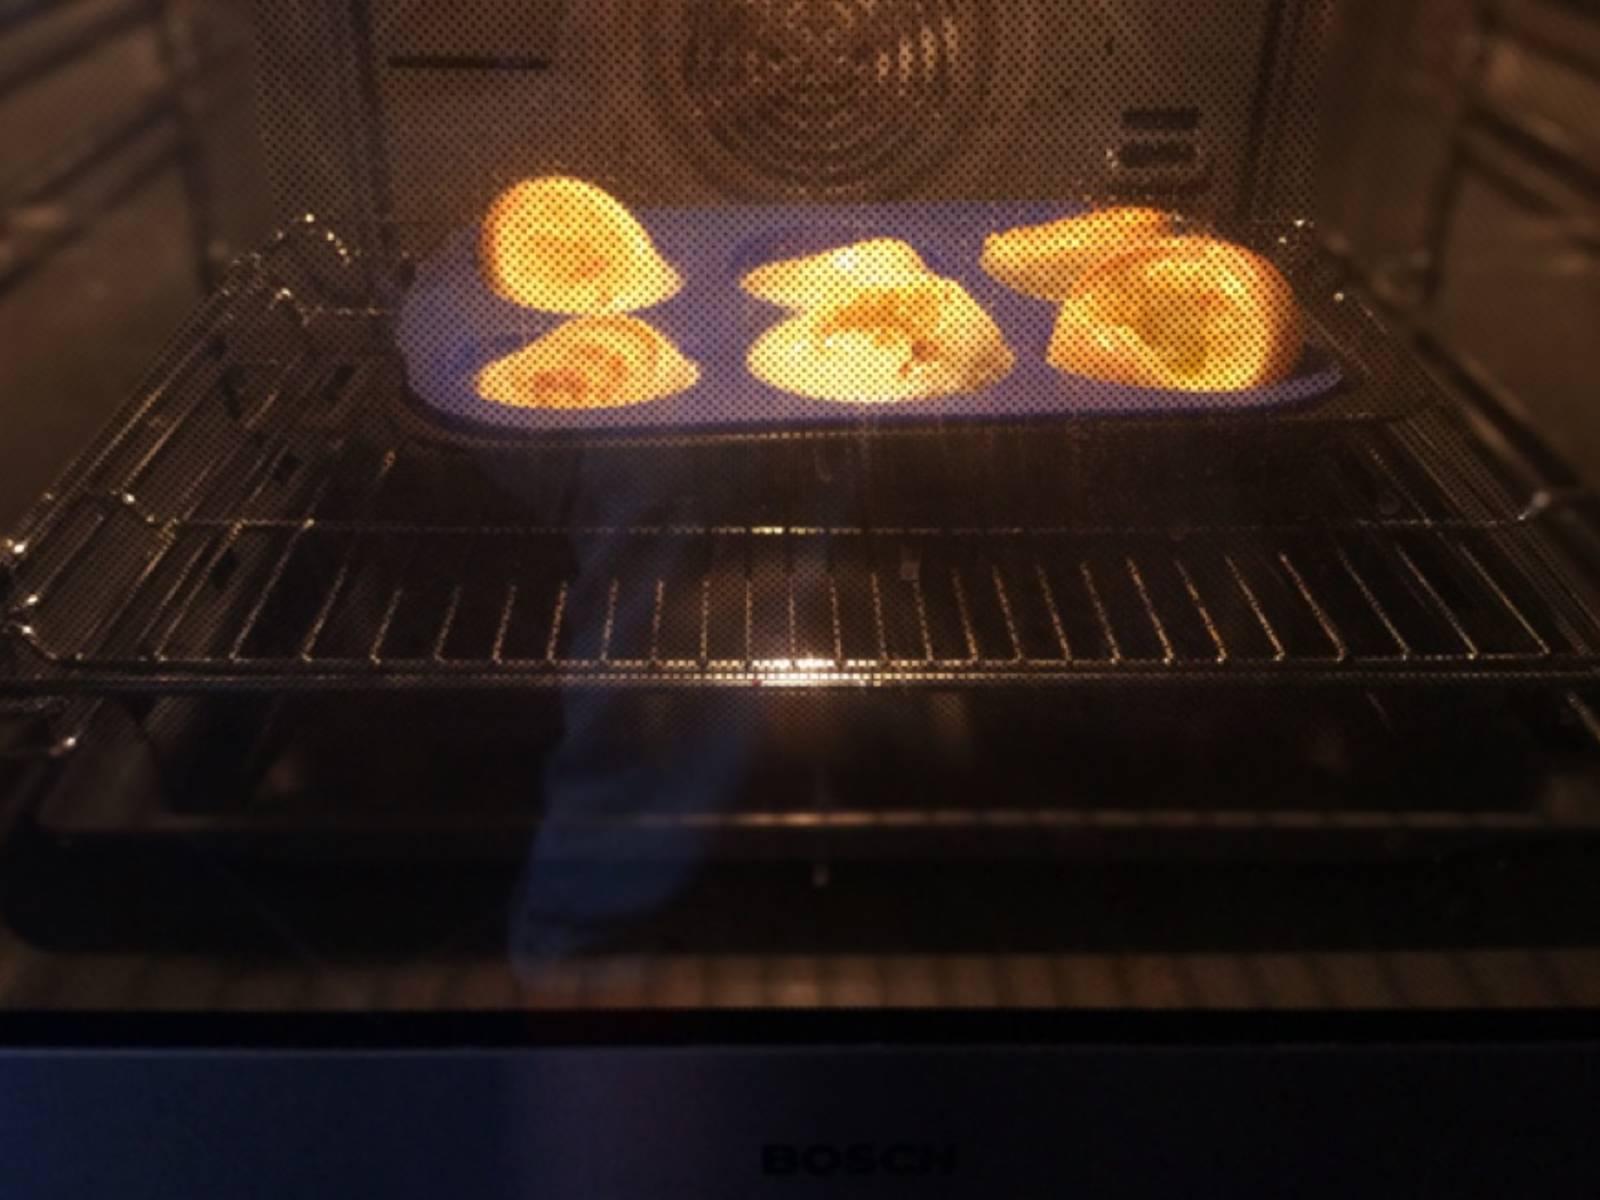 以220℃烤15-20分钟,期间不要打开烤箱门,以免烤好后的布丁碎掉。烤至焦黄,取出后可立即享用。